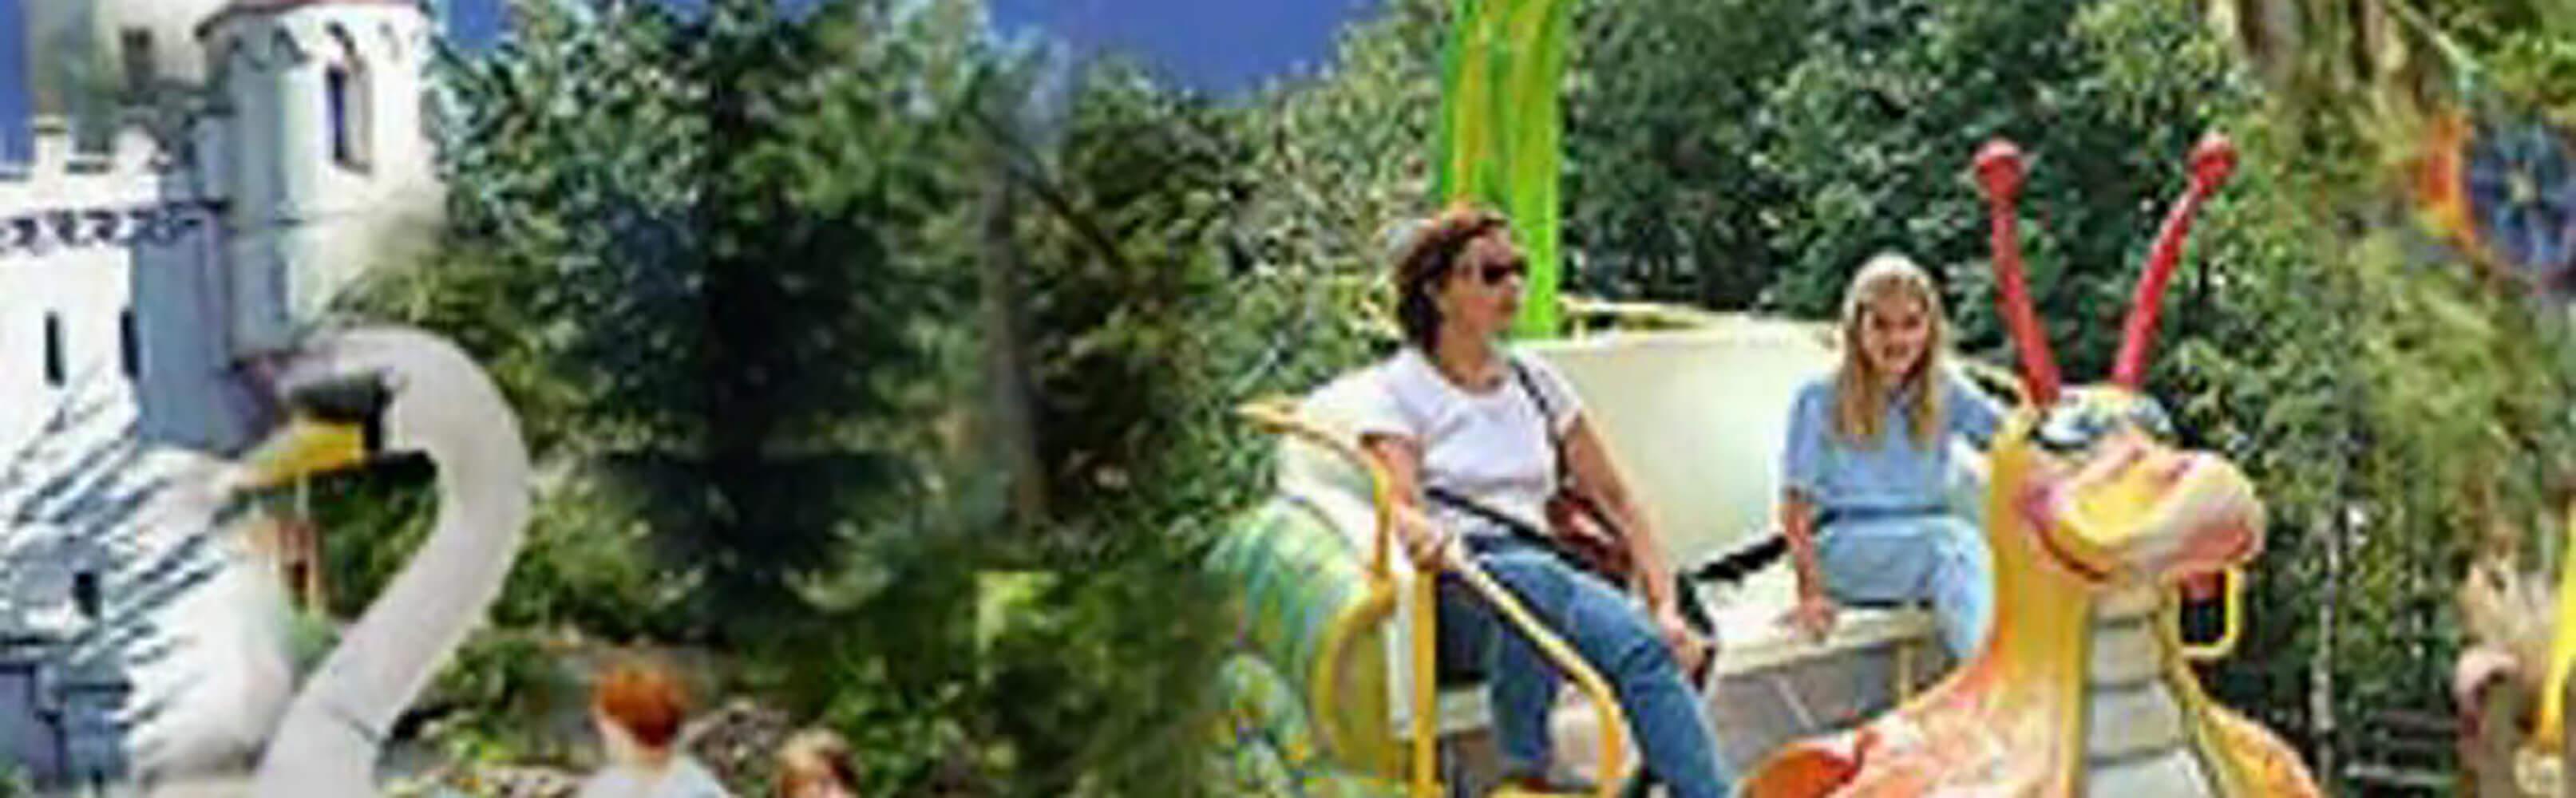 Erlebnispark Strasswalchen